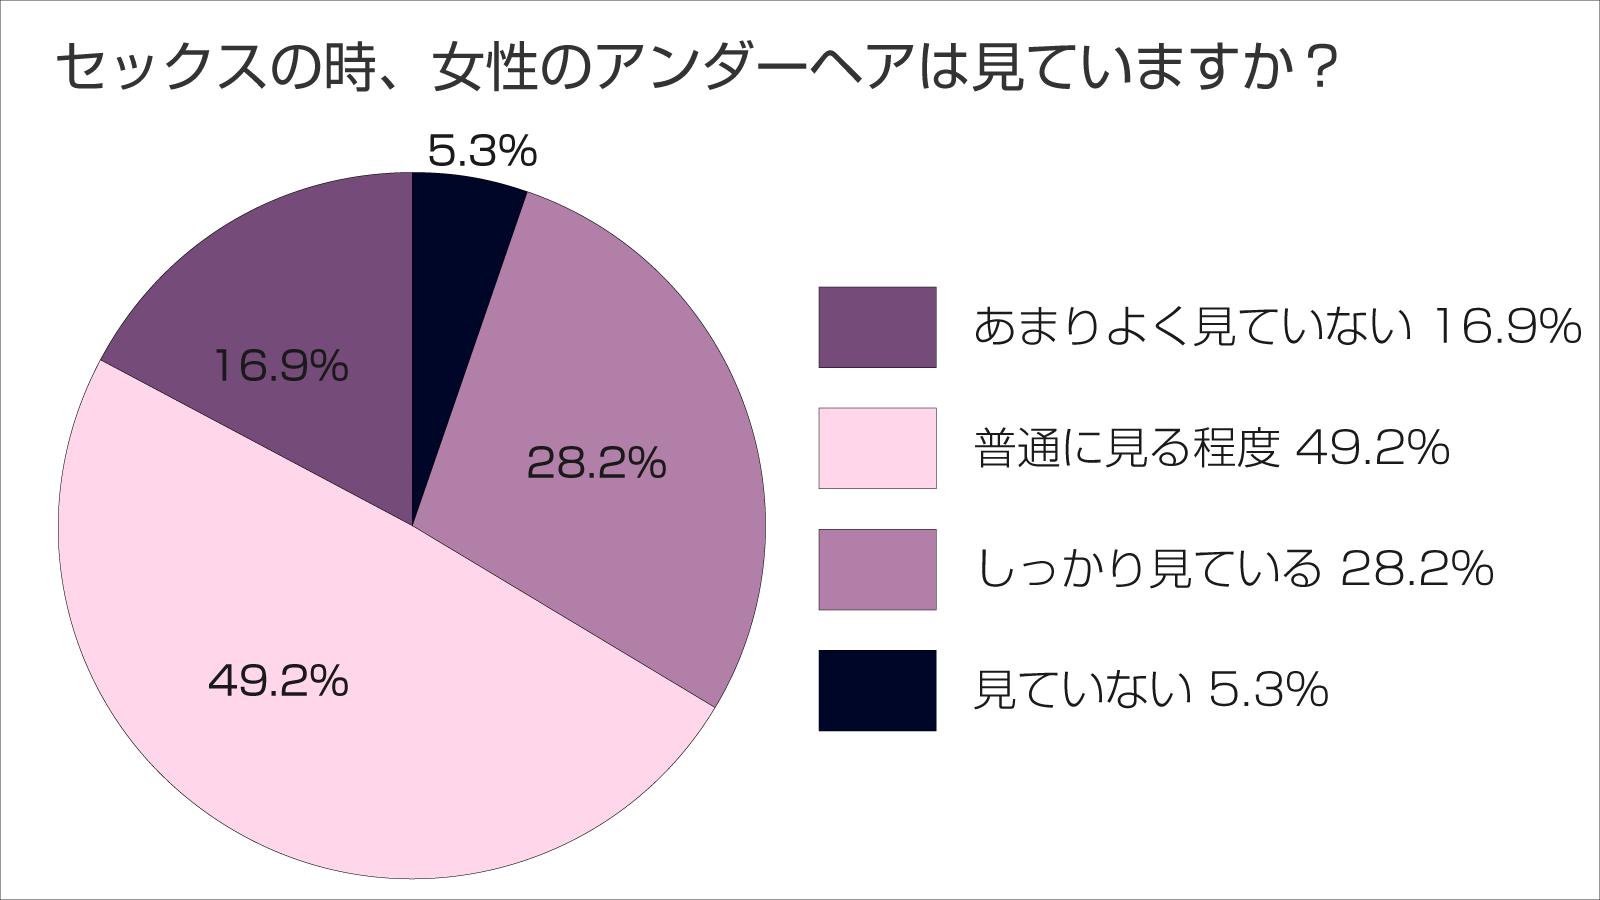 pubichair-questionnaire2 - image